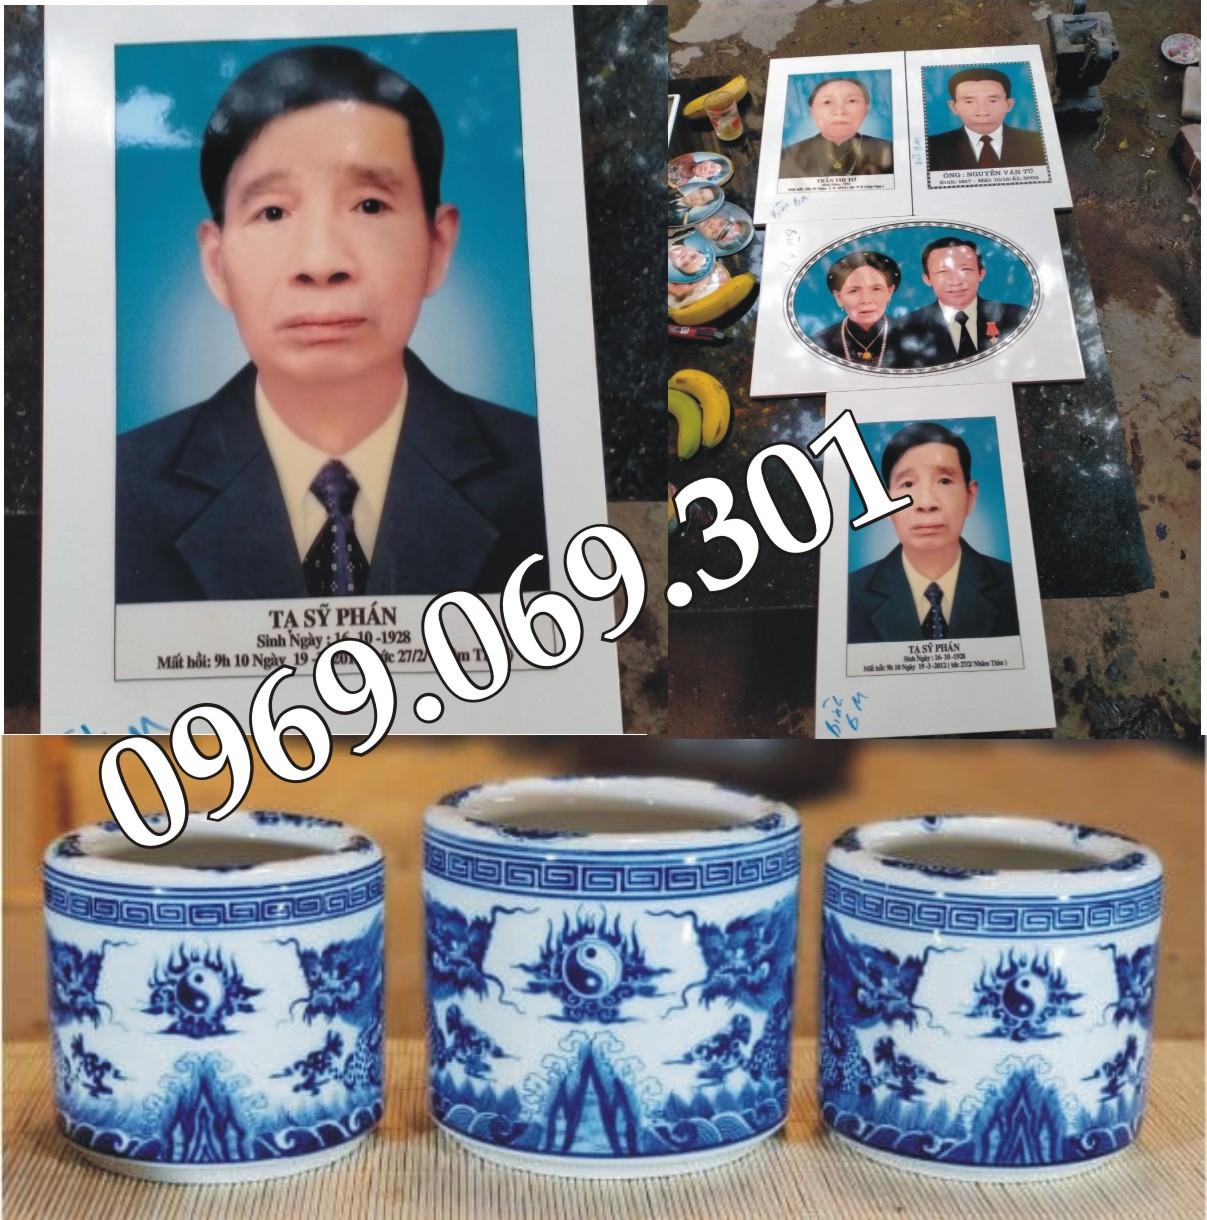 Bát hương men sứ là giá trị văn hóa thờ cũng của người Việt.